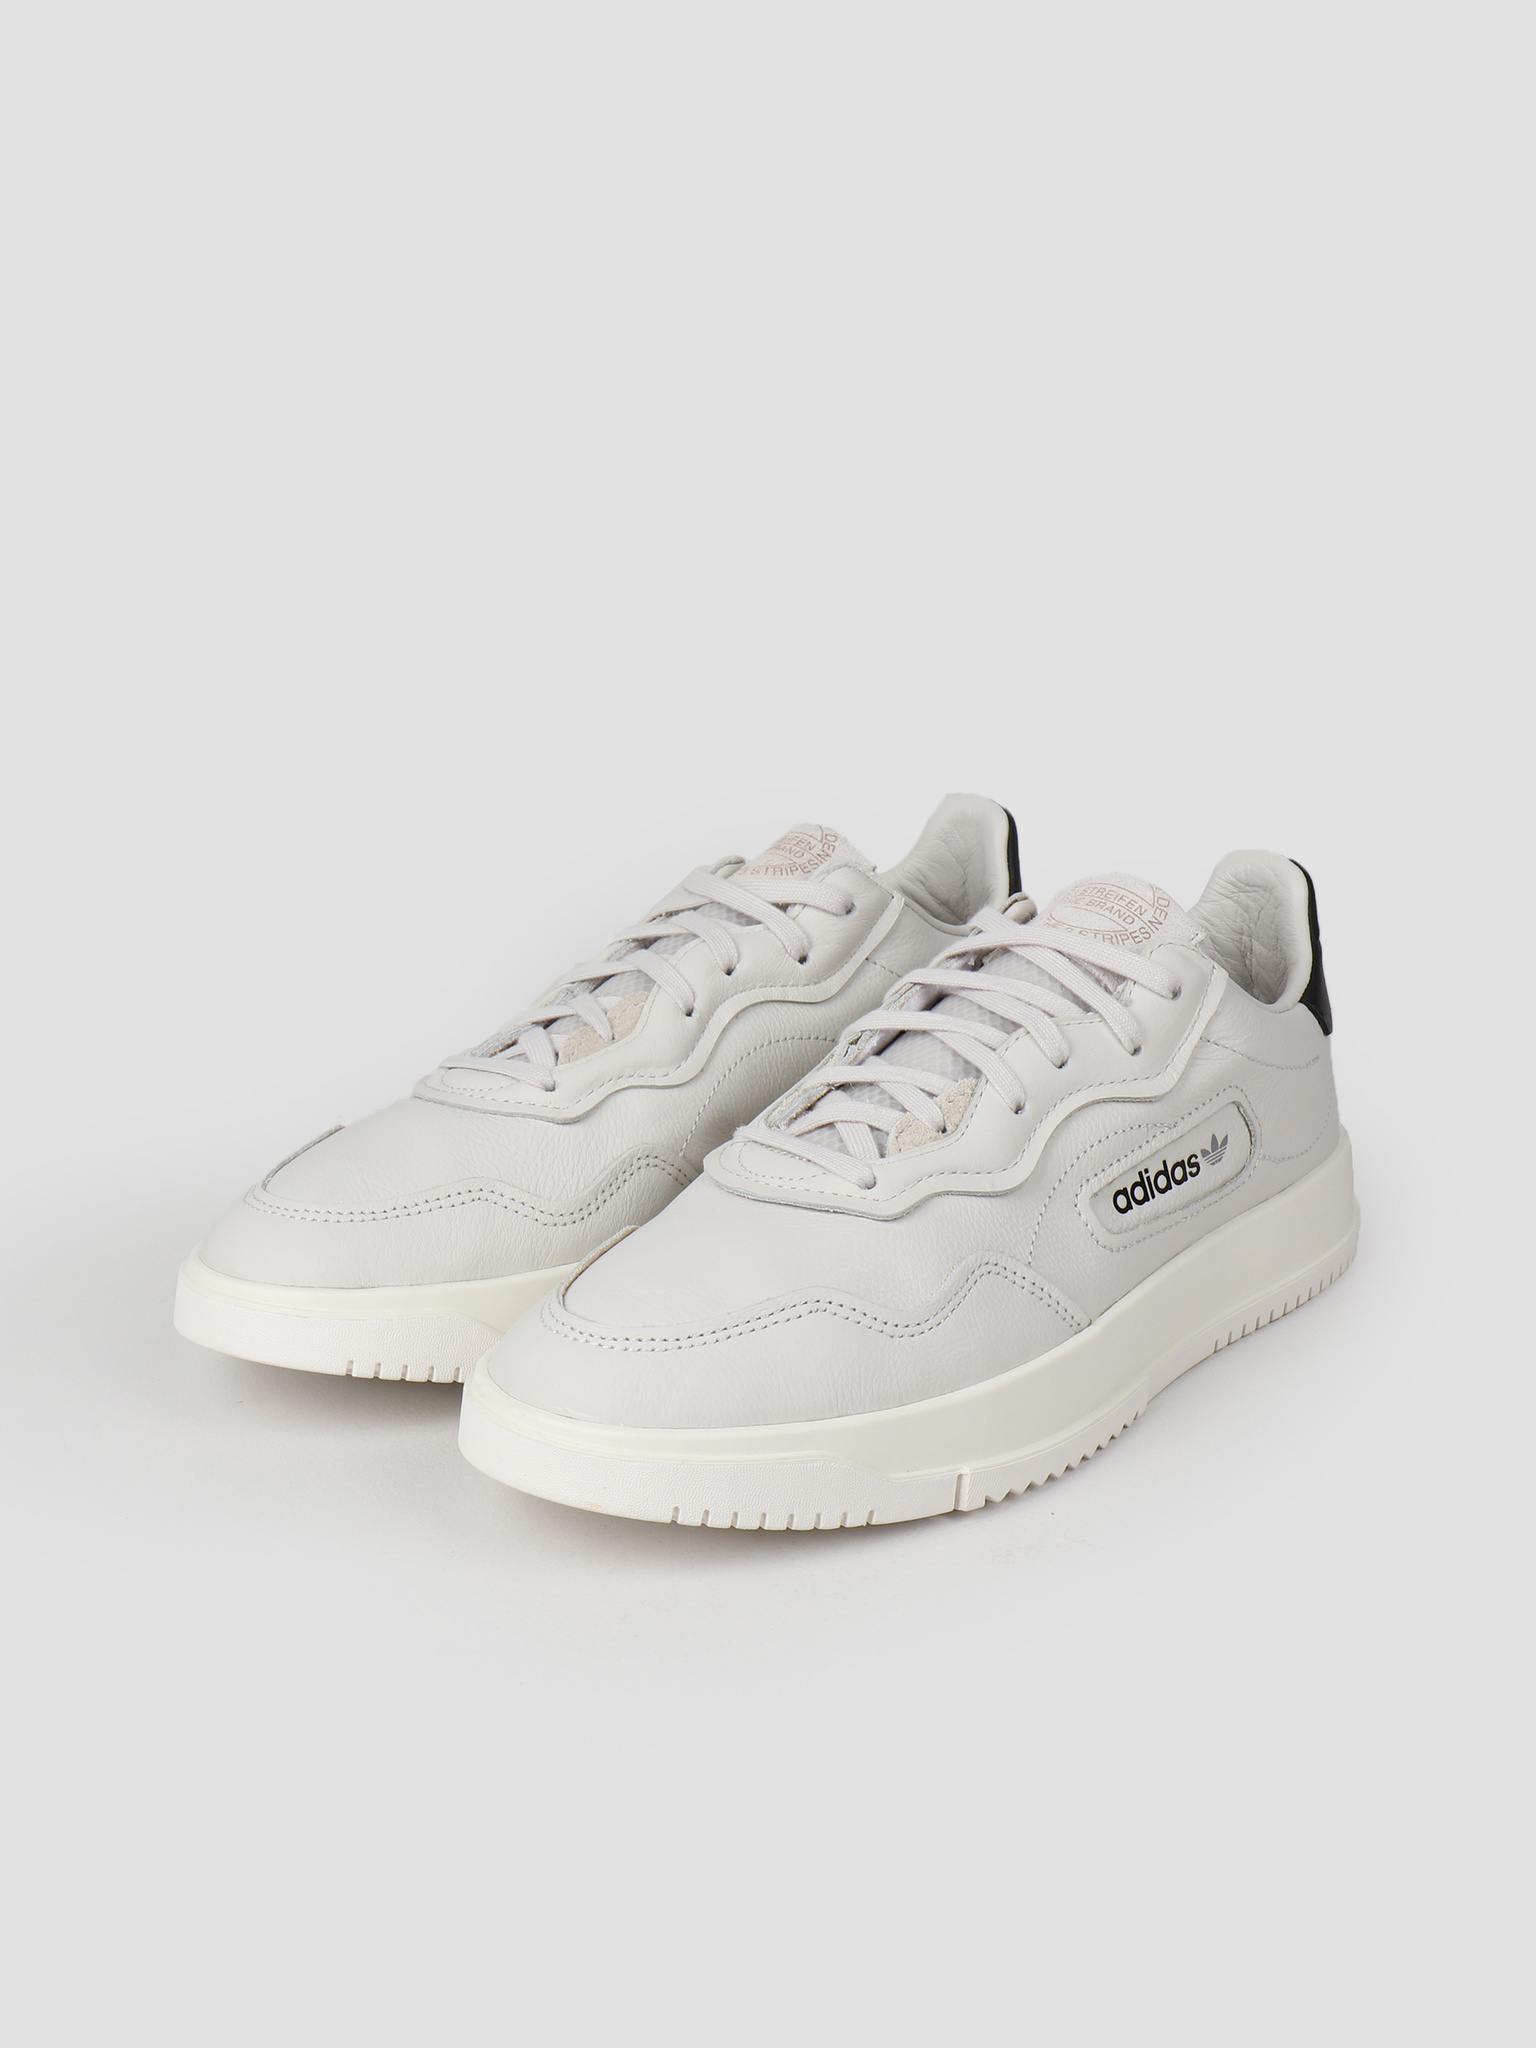 adidas adidas Sc Premiere Rawwht Cwhite Owhite CG6239